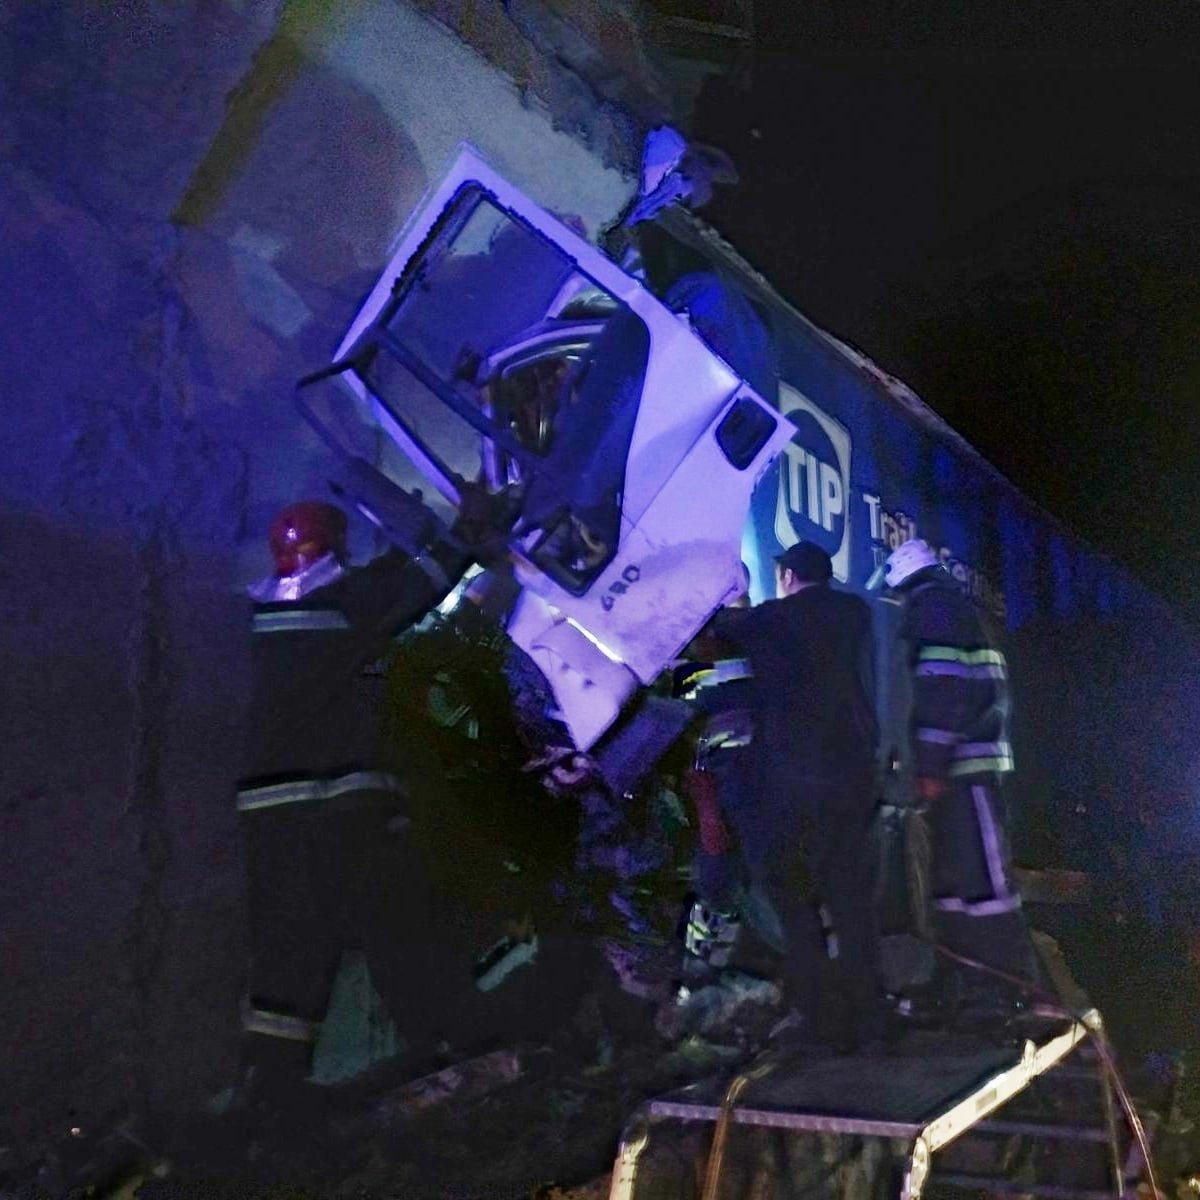 Неподалік Лисогірки вантажівка врізалась в бетонну опору моста , фото-4, Фото: пресслужба порятунку 101 Кам'янця-Подільського